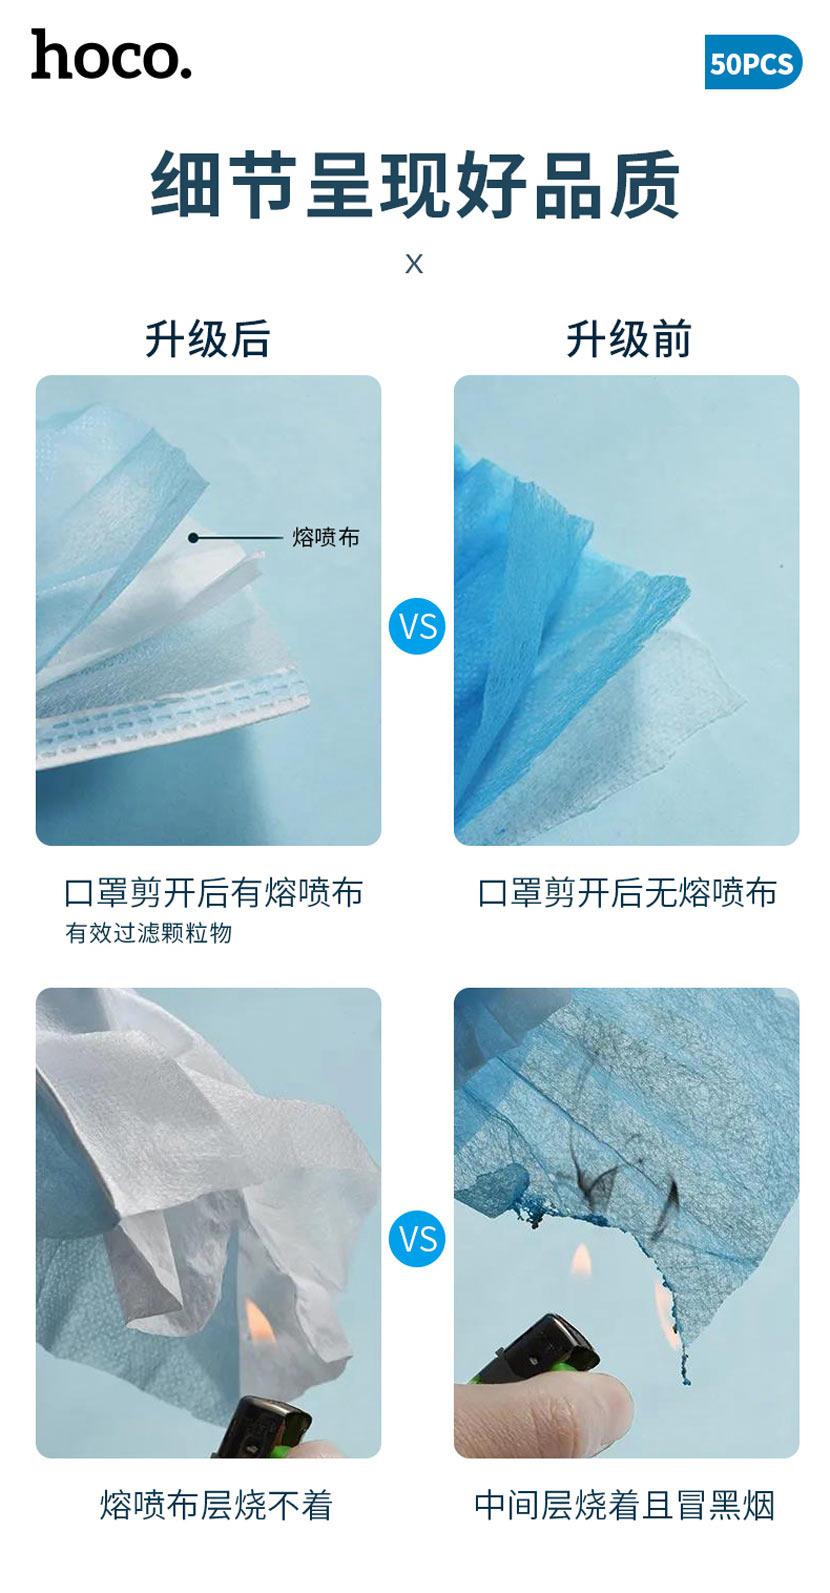 浩酷 新闻 一次性使用防护口罩 质量 cn